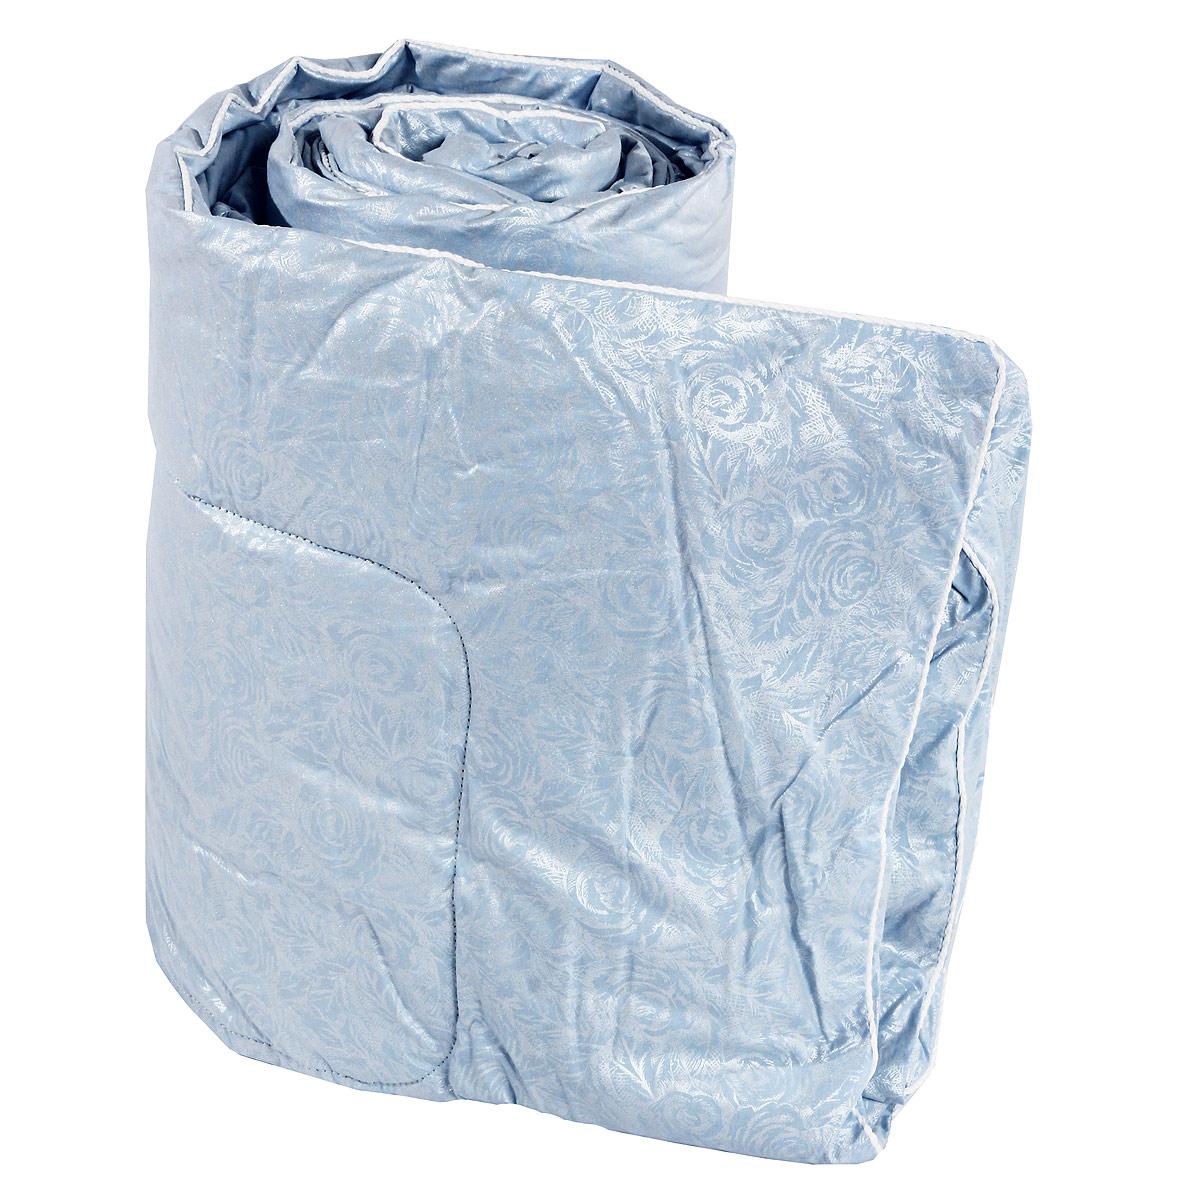 Одеяло Dargez Прима, наполнитель: пух, 172 см х 205 смS03301004Одеяло Dargez Прима представляет собой стеганый чехол из натурального хлопка с пуховым наполнителем. Особенности одеяла Dargez Прима:натуральное и экологически чистое;обладает легкостью и уникальными теплозащитными свойствами;создает оптимальный температурный режим;обладает высокой гигроскопичностью: хорошо впитывает и испаряет влагу;имеет высокою воздухопроницаемостью: позволяет телу дышать;обладает мягкостью и объемом. Одеяло упаковано в прозрачный пластиковый чехол на молнии с ручкой, что является чрезвычайно удобным при переноске. Характеристики: Материал чехла: 100% хлопок (перкаль). Наполнитель: пух первой категории. Размер: 172 см х 205 см. Масса наполнителя: 0,7 кг. Артикул: 20340П. Торговый Дом Даргез был образован в 1991 году на базе нескольких компаний, занимавшихся производством и продажей постельных принадлежностей и поставками за рубеж пухоперового сырья. Благодаря опыту, накопленным знаниям, стремлению к инновациям и развитию за 19 лет компания смогла стать крупнейшим производителем домашнего текстиля на территории Российской Федерации. В основу деятельности Торгового Дома Даргез положено стремление предоставить покупателю широкий выбор высококачественных постельных принадлежностей и текстиля для дома, которые способны создавать наилучшие условия для комфортного и, что немаловажно, здорового сна и отдыха.